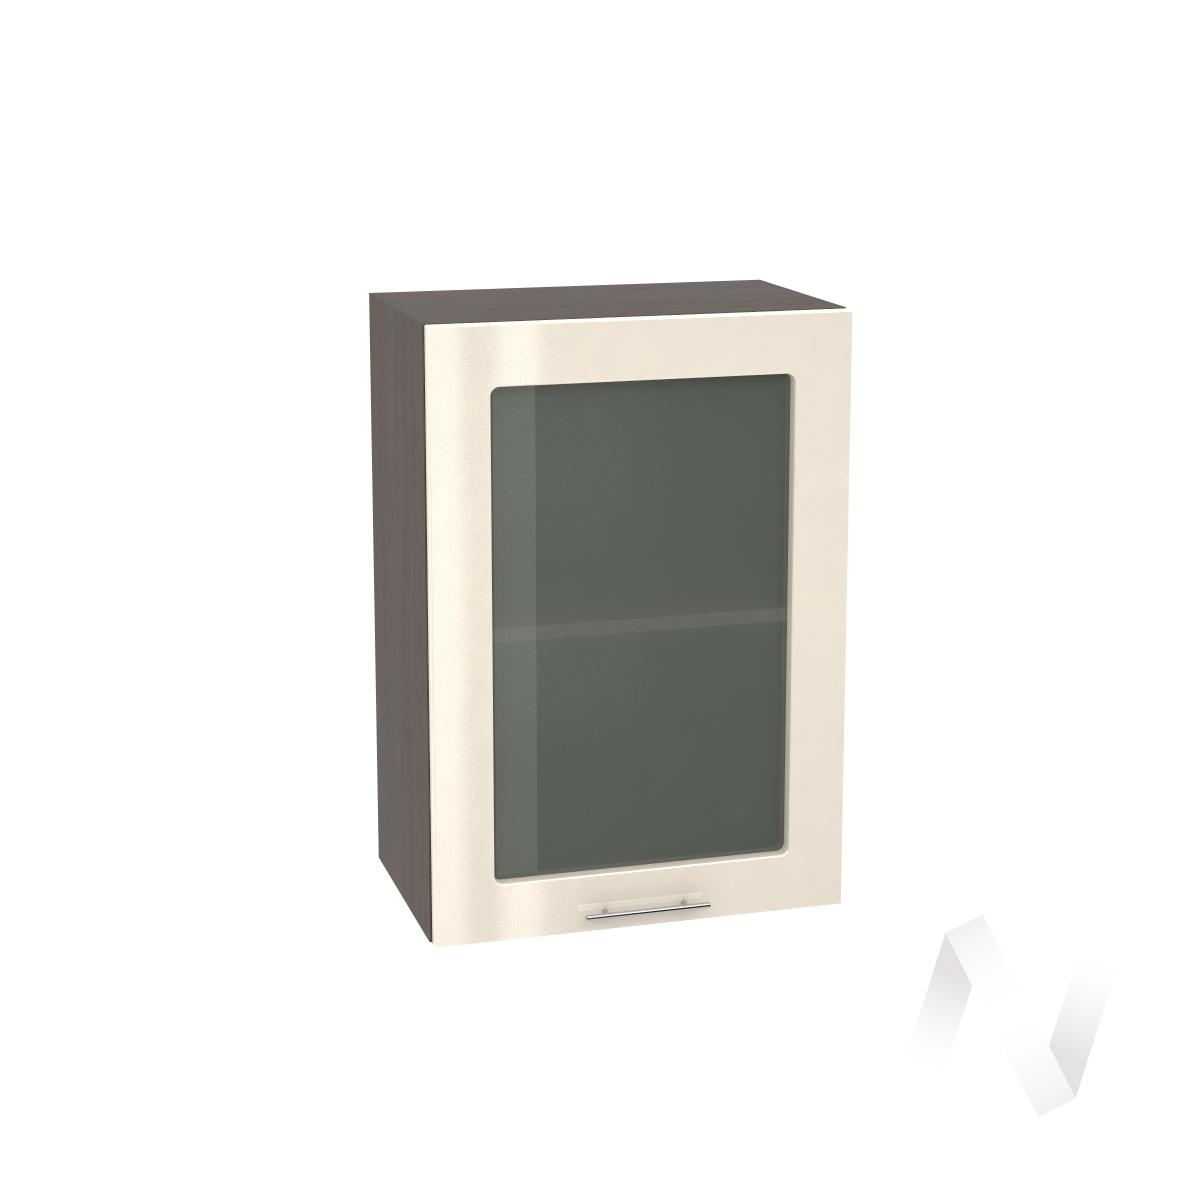 """Кухня """"Валерия-М"""": Шкаф верхний со стеклом 500, ШВС 500 (Ваниль глянец/корпус венге)"""